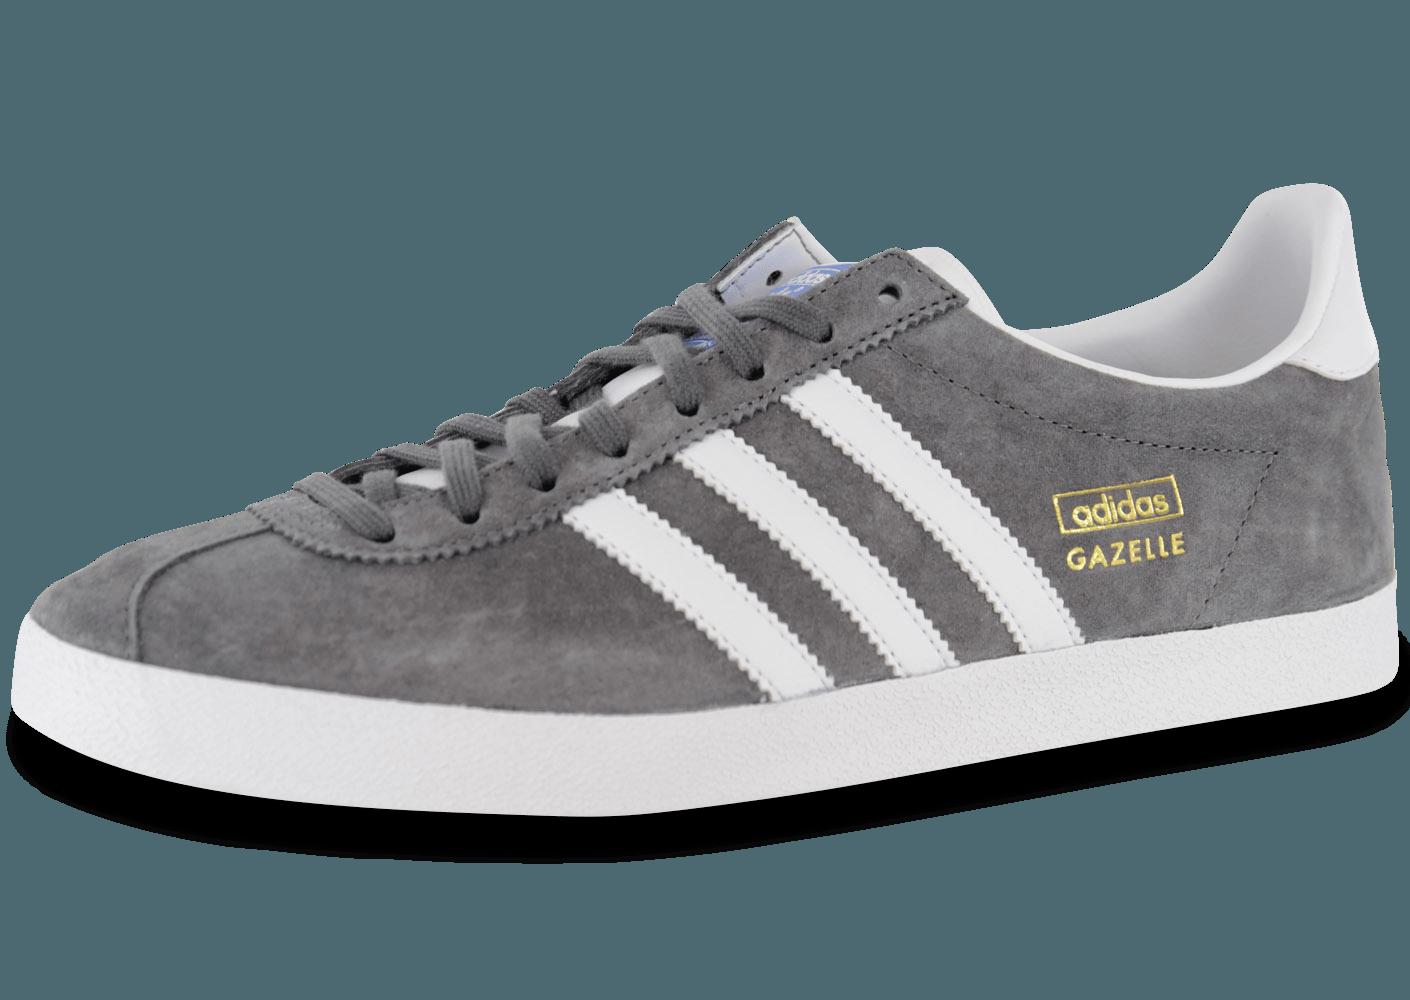 Pelagic شباب قشرة gazelle grise adidas femme - ovidsingh.com